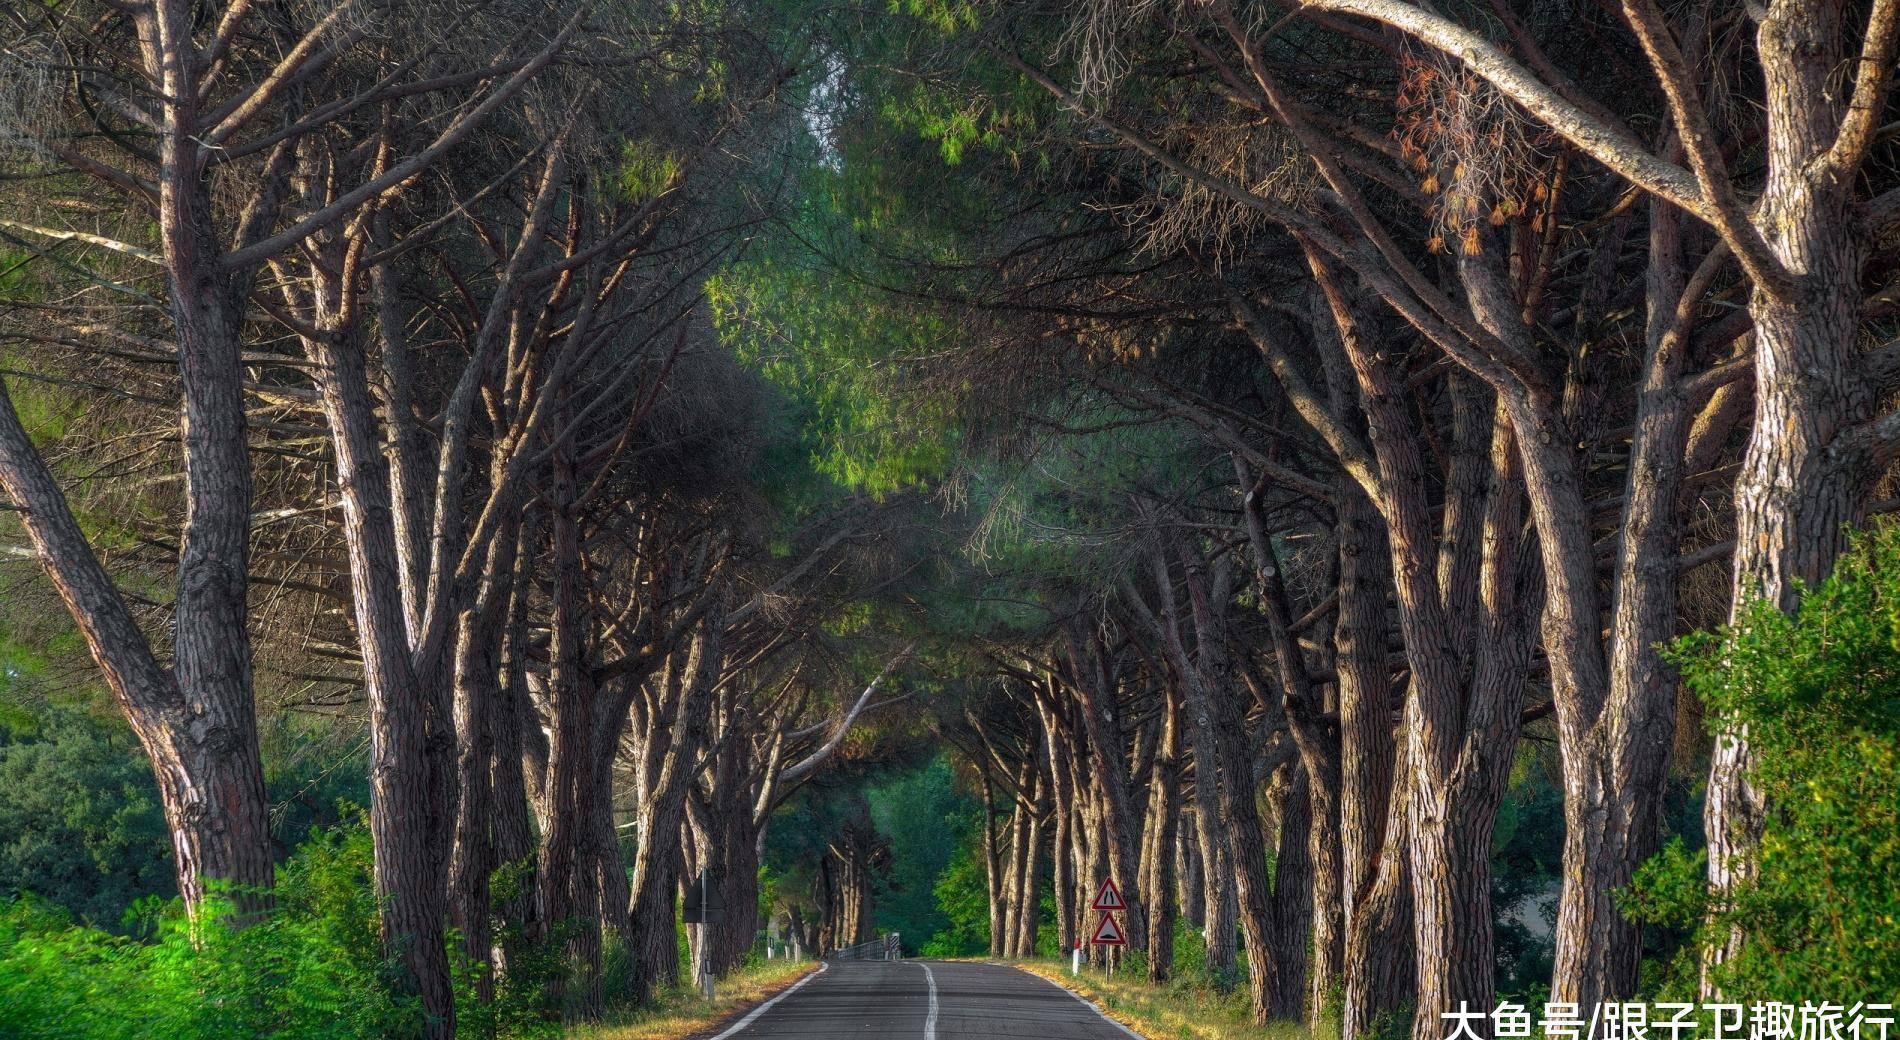 """陕西最诡异的路名,村民称其为""""黄泉路"""",听着都觉得阴森森的"""